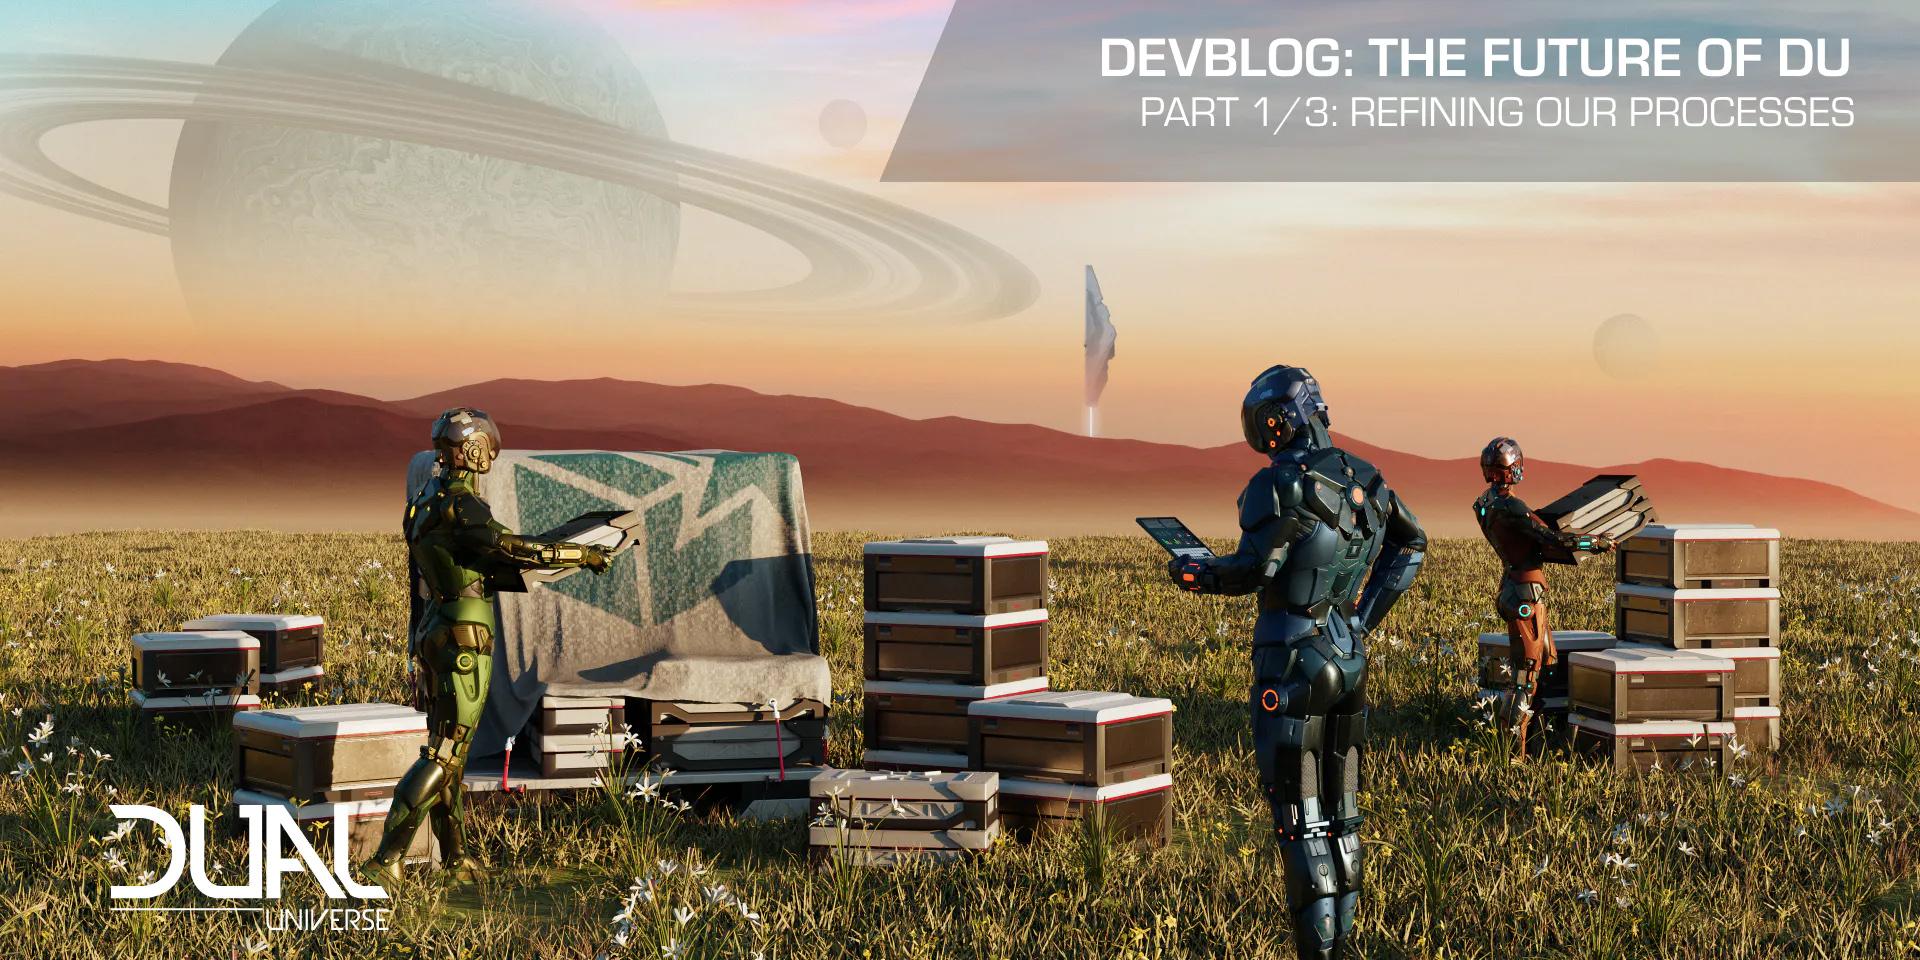 Dual Universe: Девблог: Будущее DU, часть первая